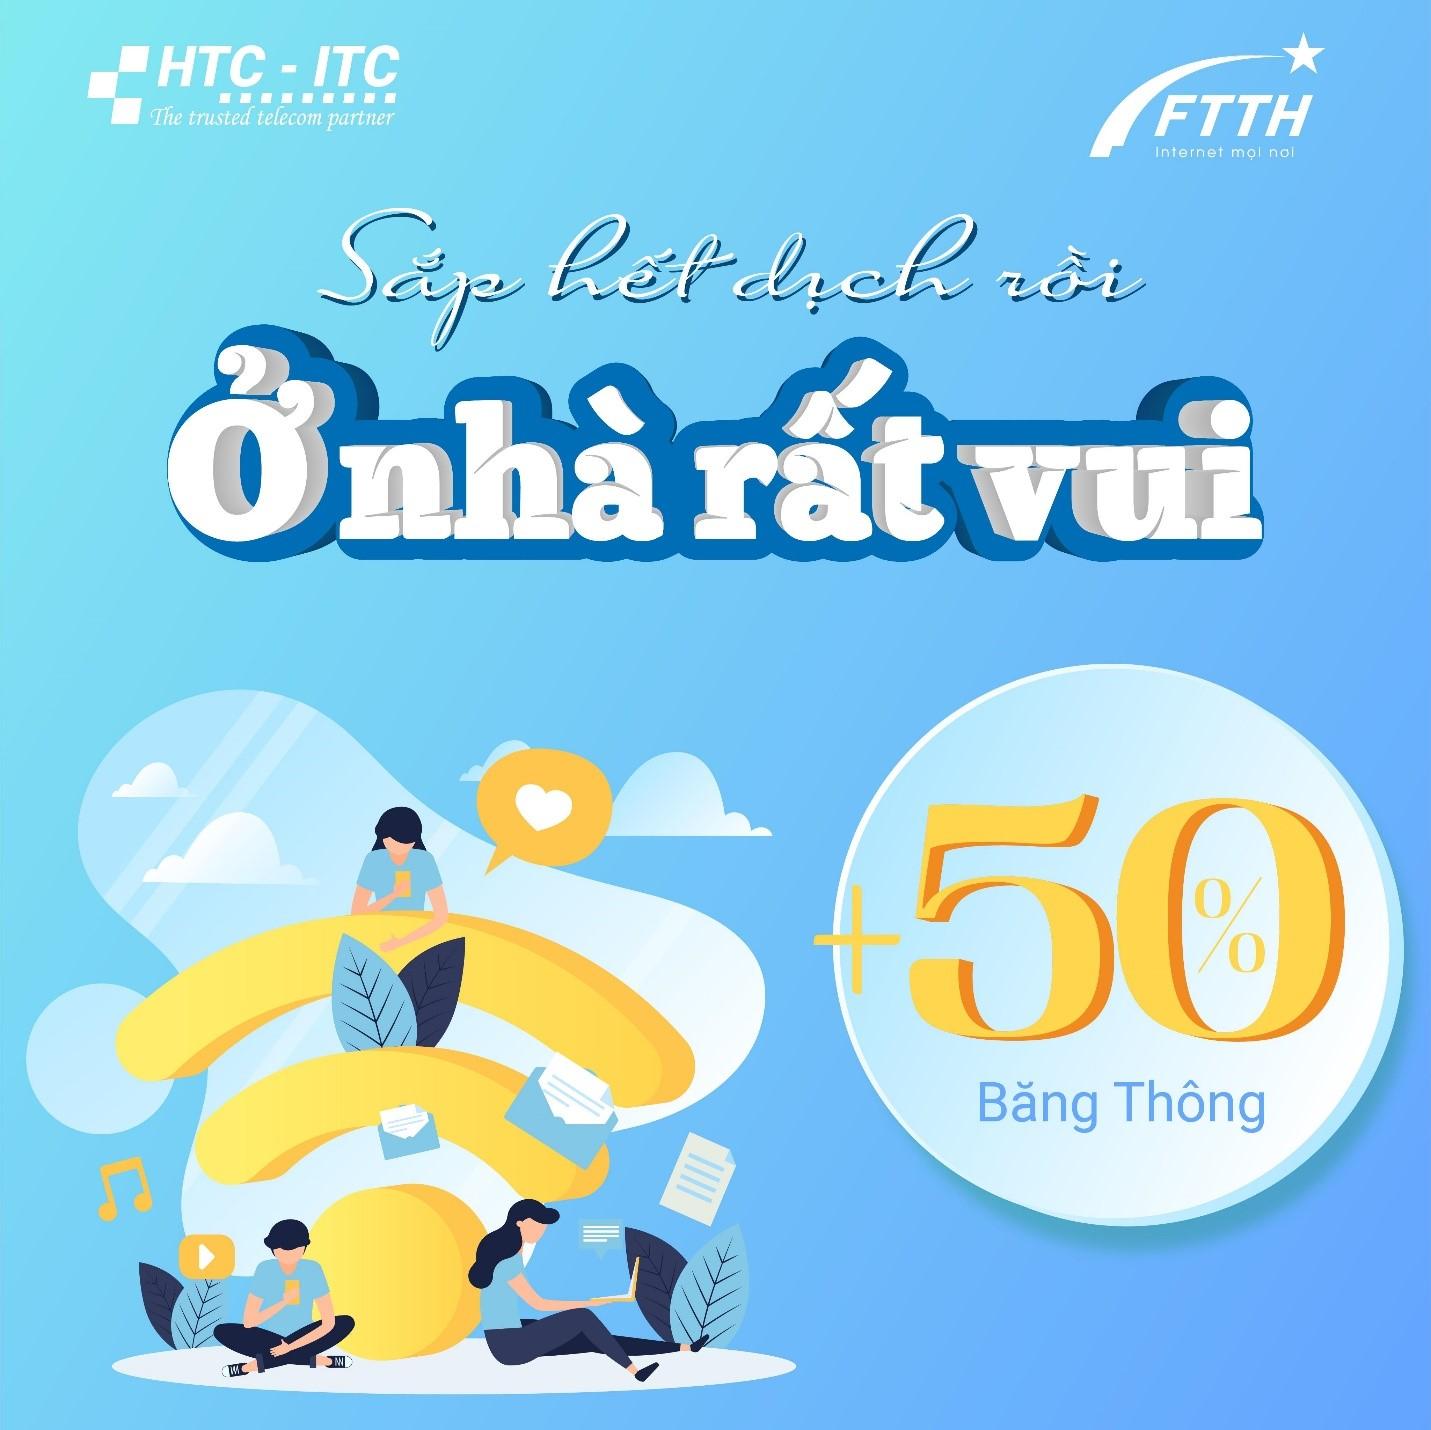 Một nhà mạng Việt Nam tuyên bố không bị ảnh hưởng bởi việc đứt cáp, còn tăng tốc độ gấp đôi không tăng giá